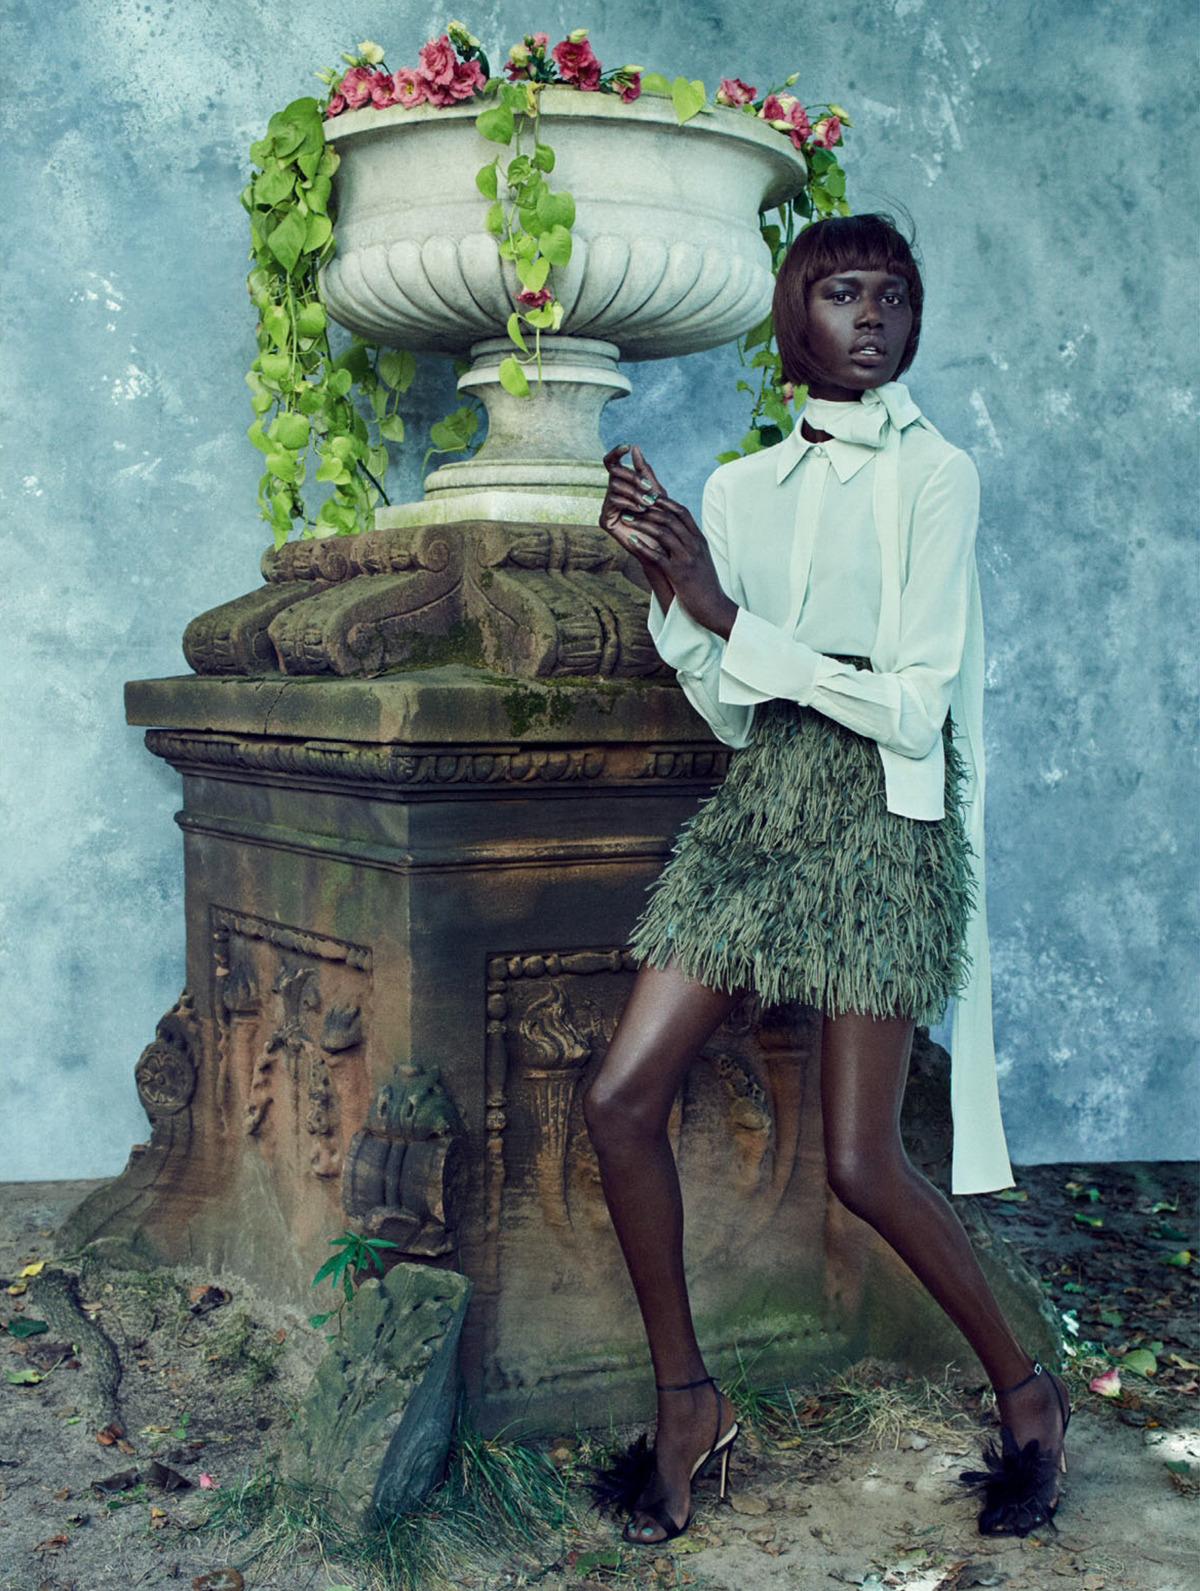 Earthly Delights - Ajak Deng For Elle UK December 2017